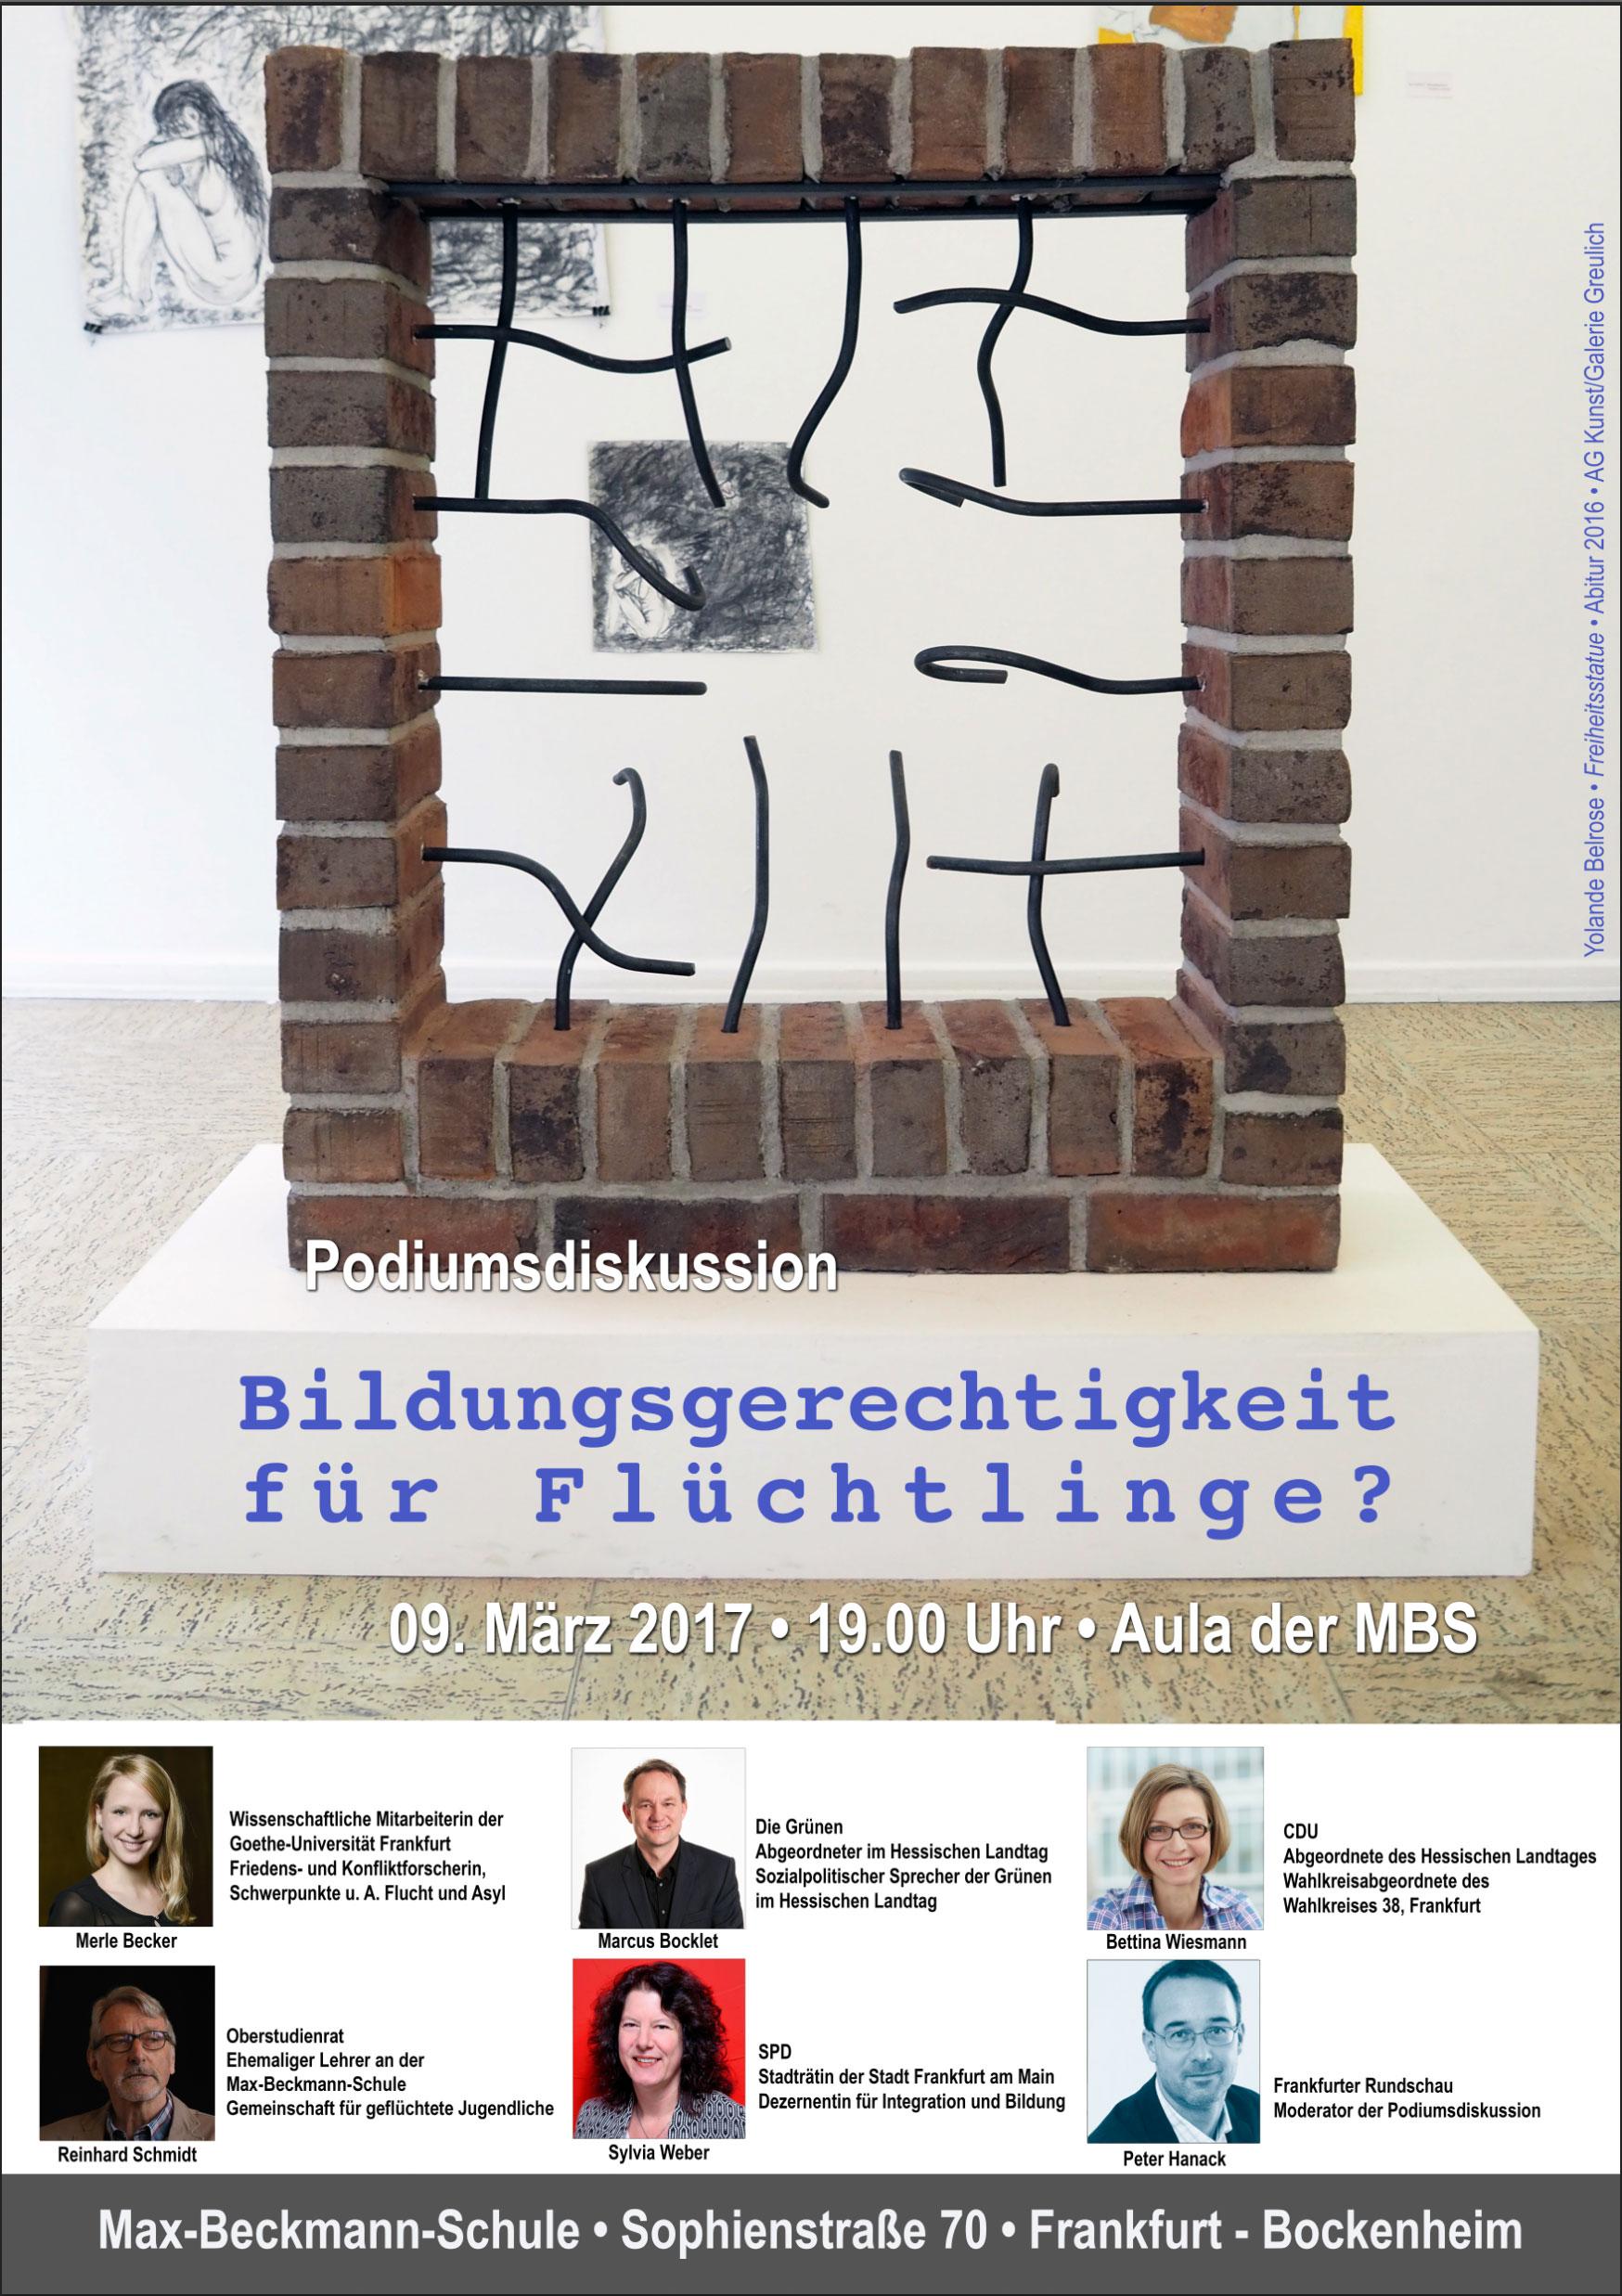 Poster_Bildungsgerechtigkeit_2017